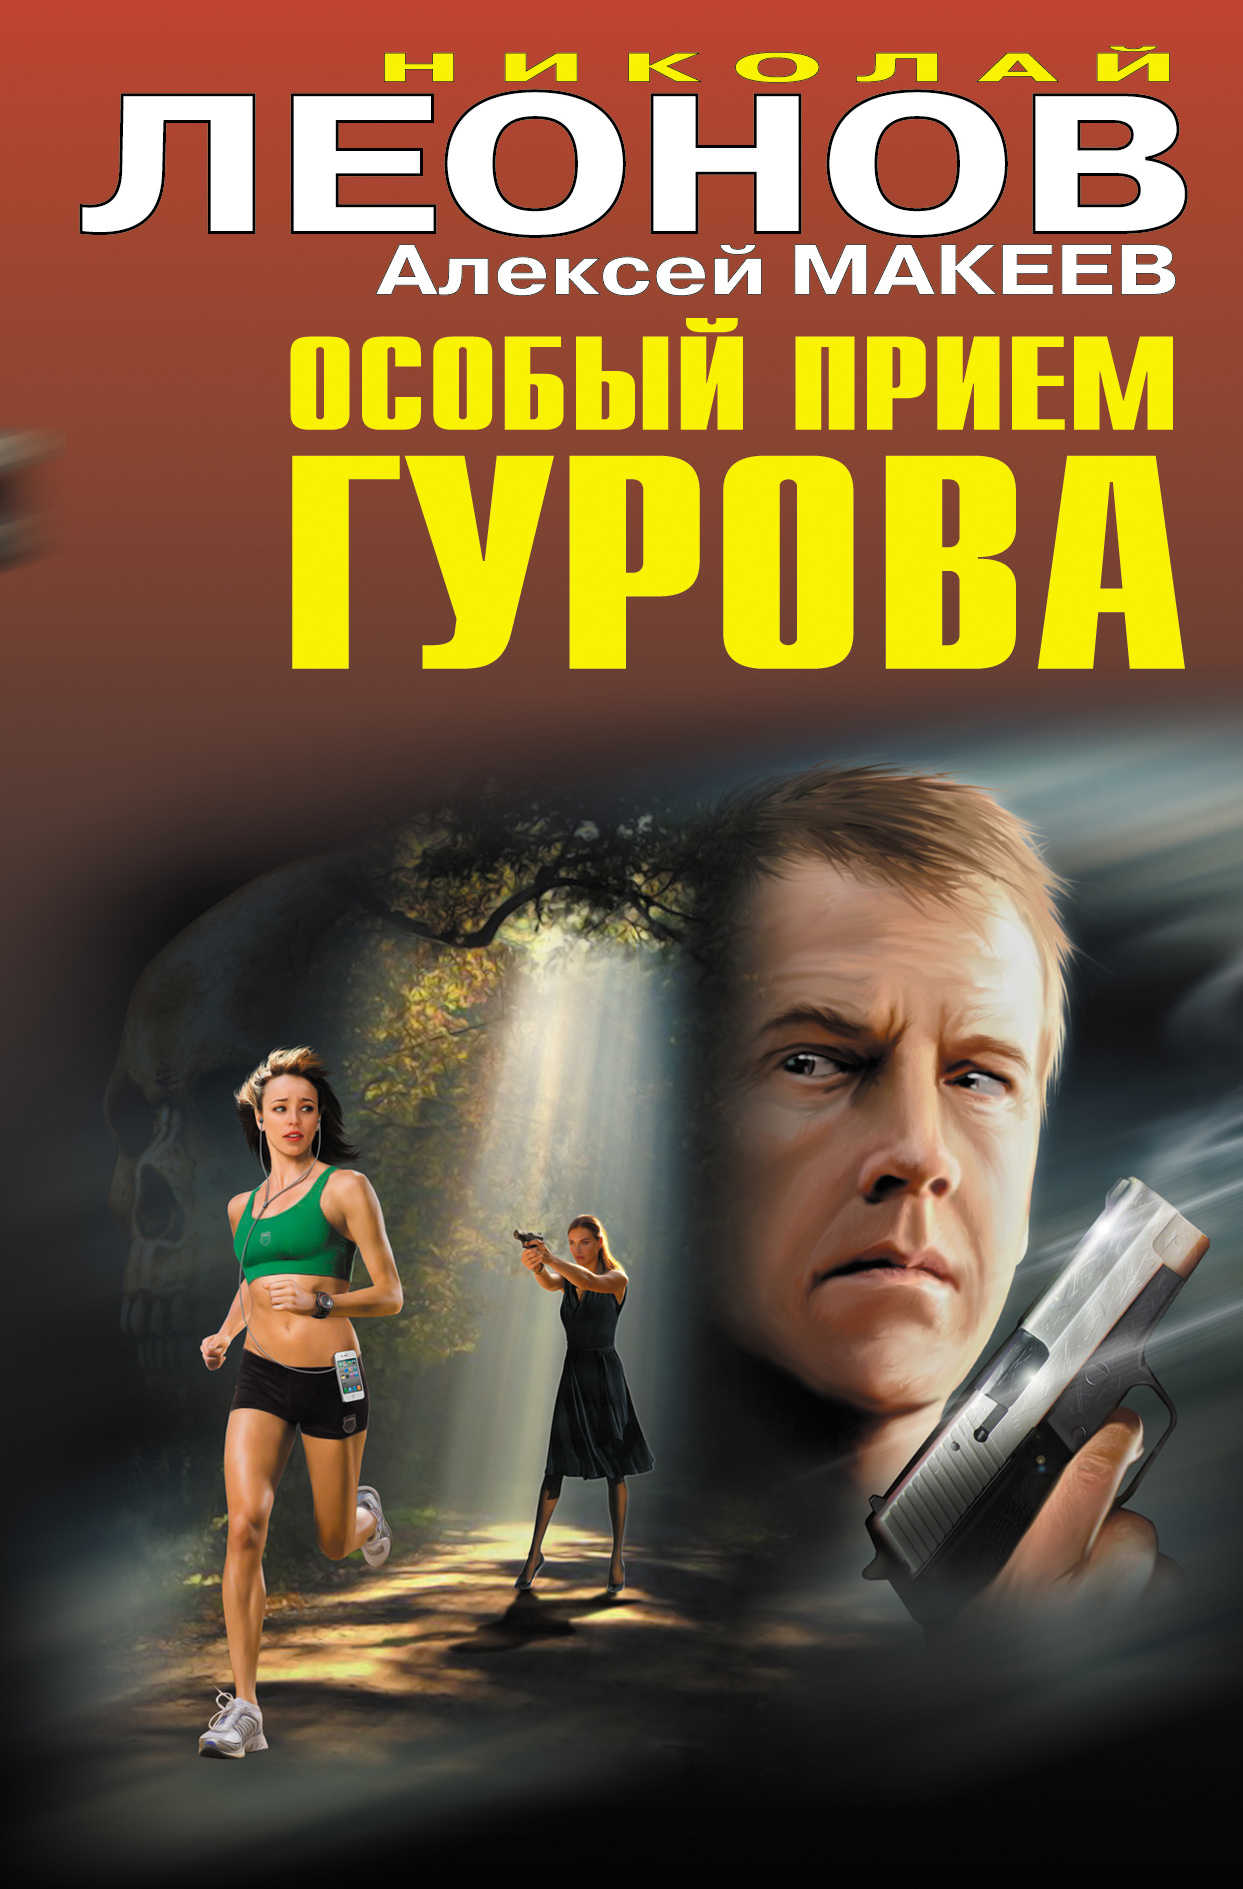 Николай Леонов Особый прием Гурова